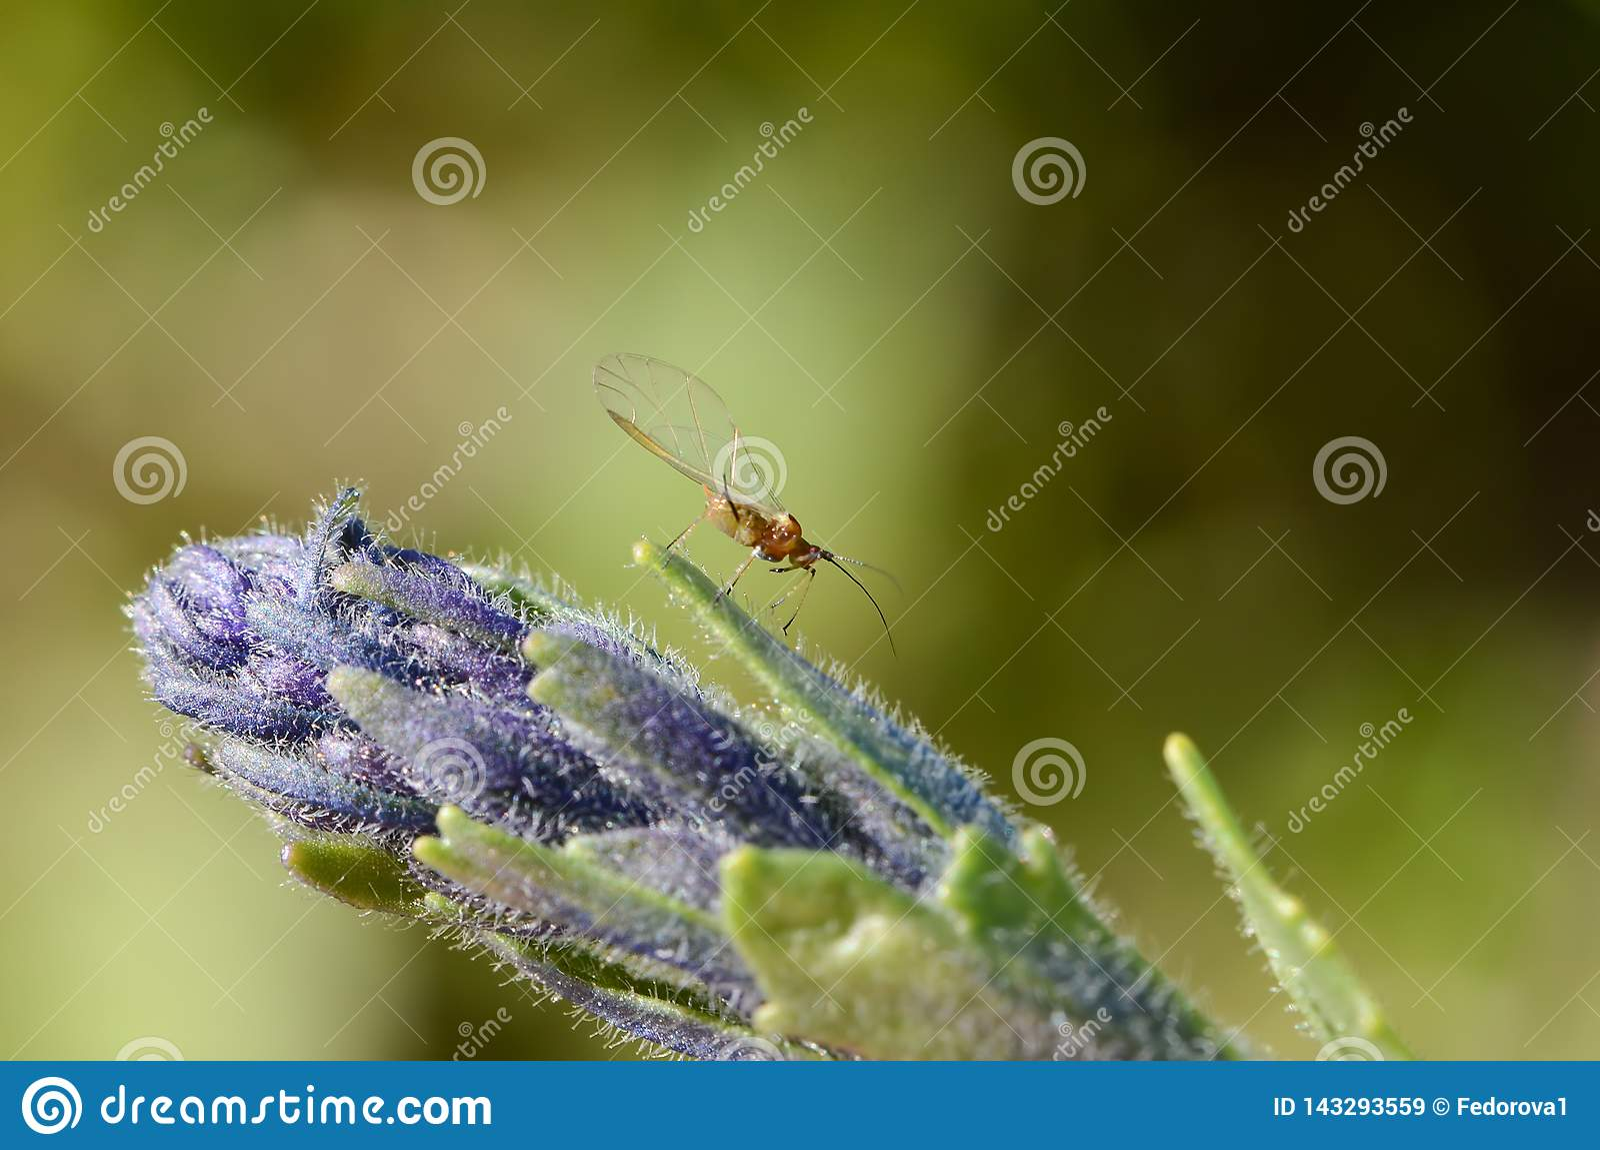 Un pequeño insecto con alas con los zarcillos largos en una inflorescencia grande de un flowe púrpura